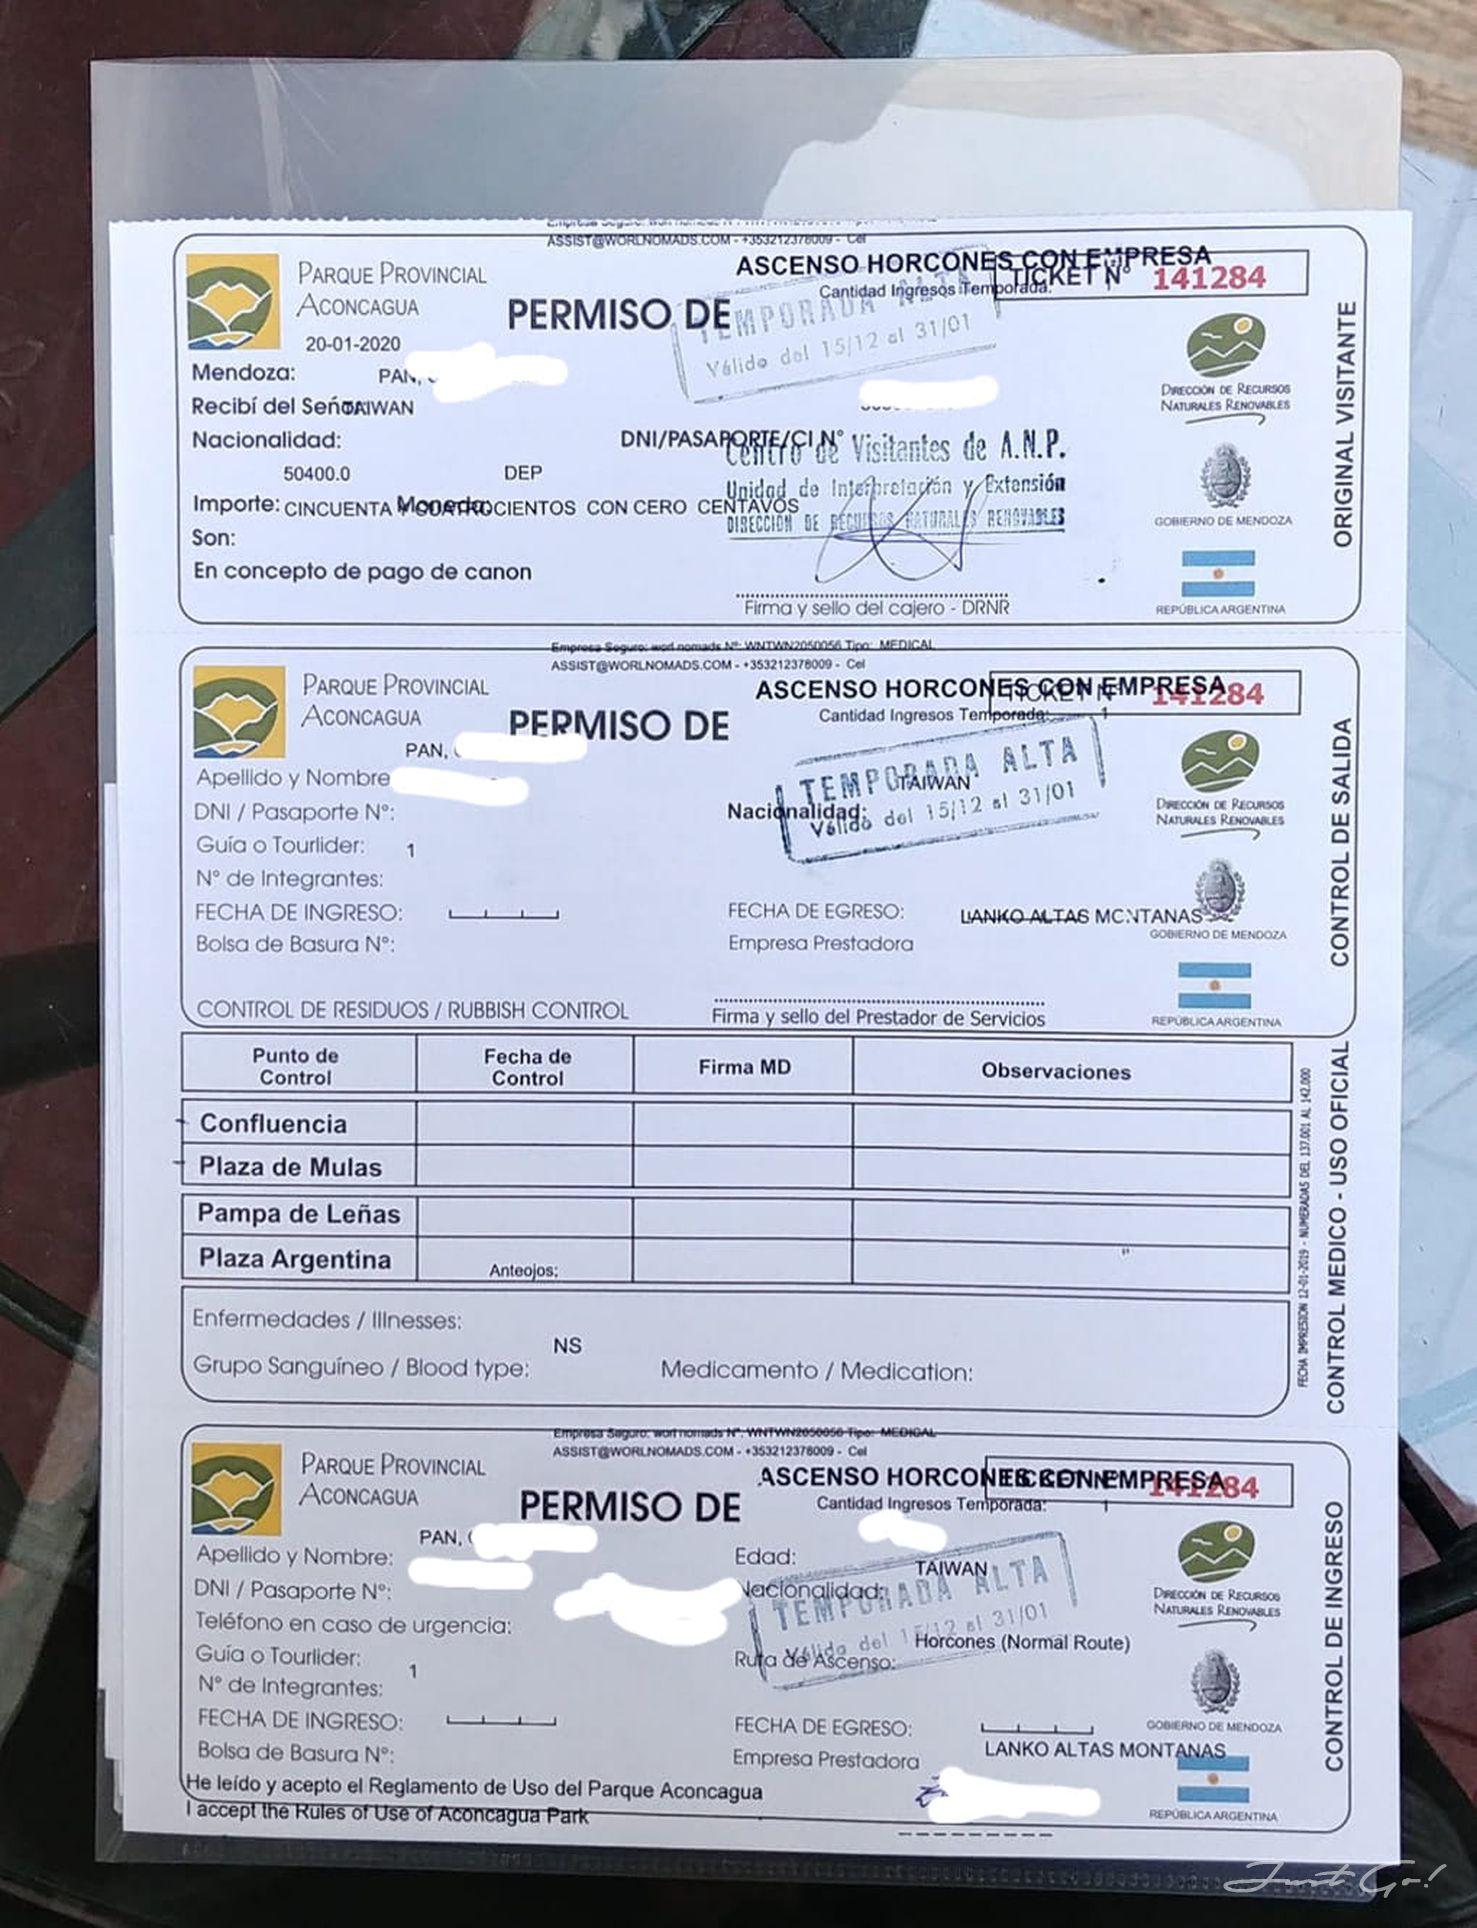 阿根廷 - 七頂峰·南美最高·阿空加瓜準備-行程、花費、保險、裝備及天氣4